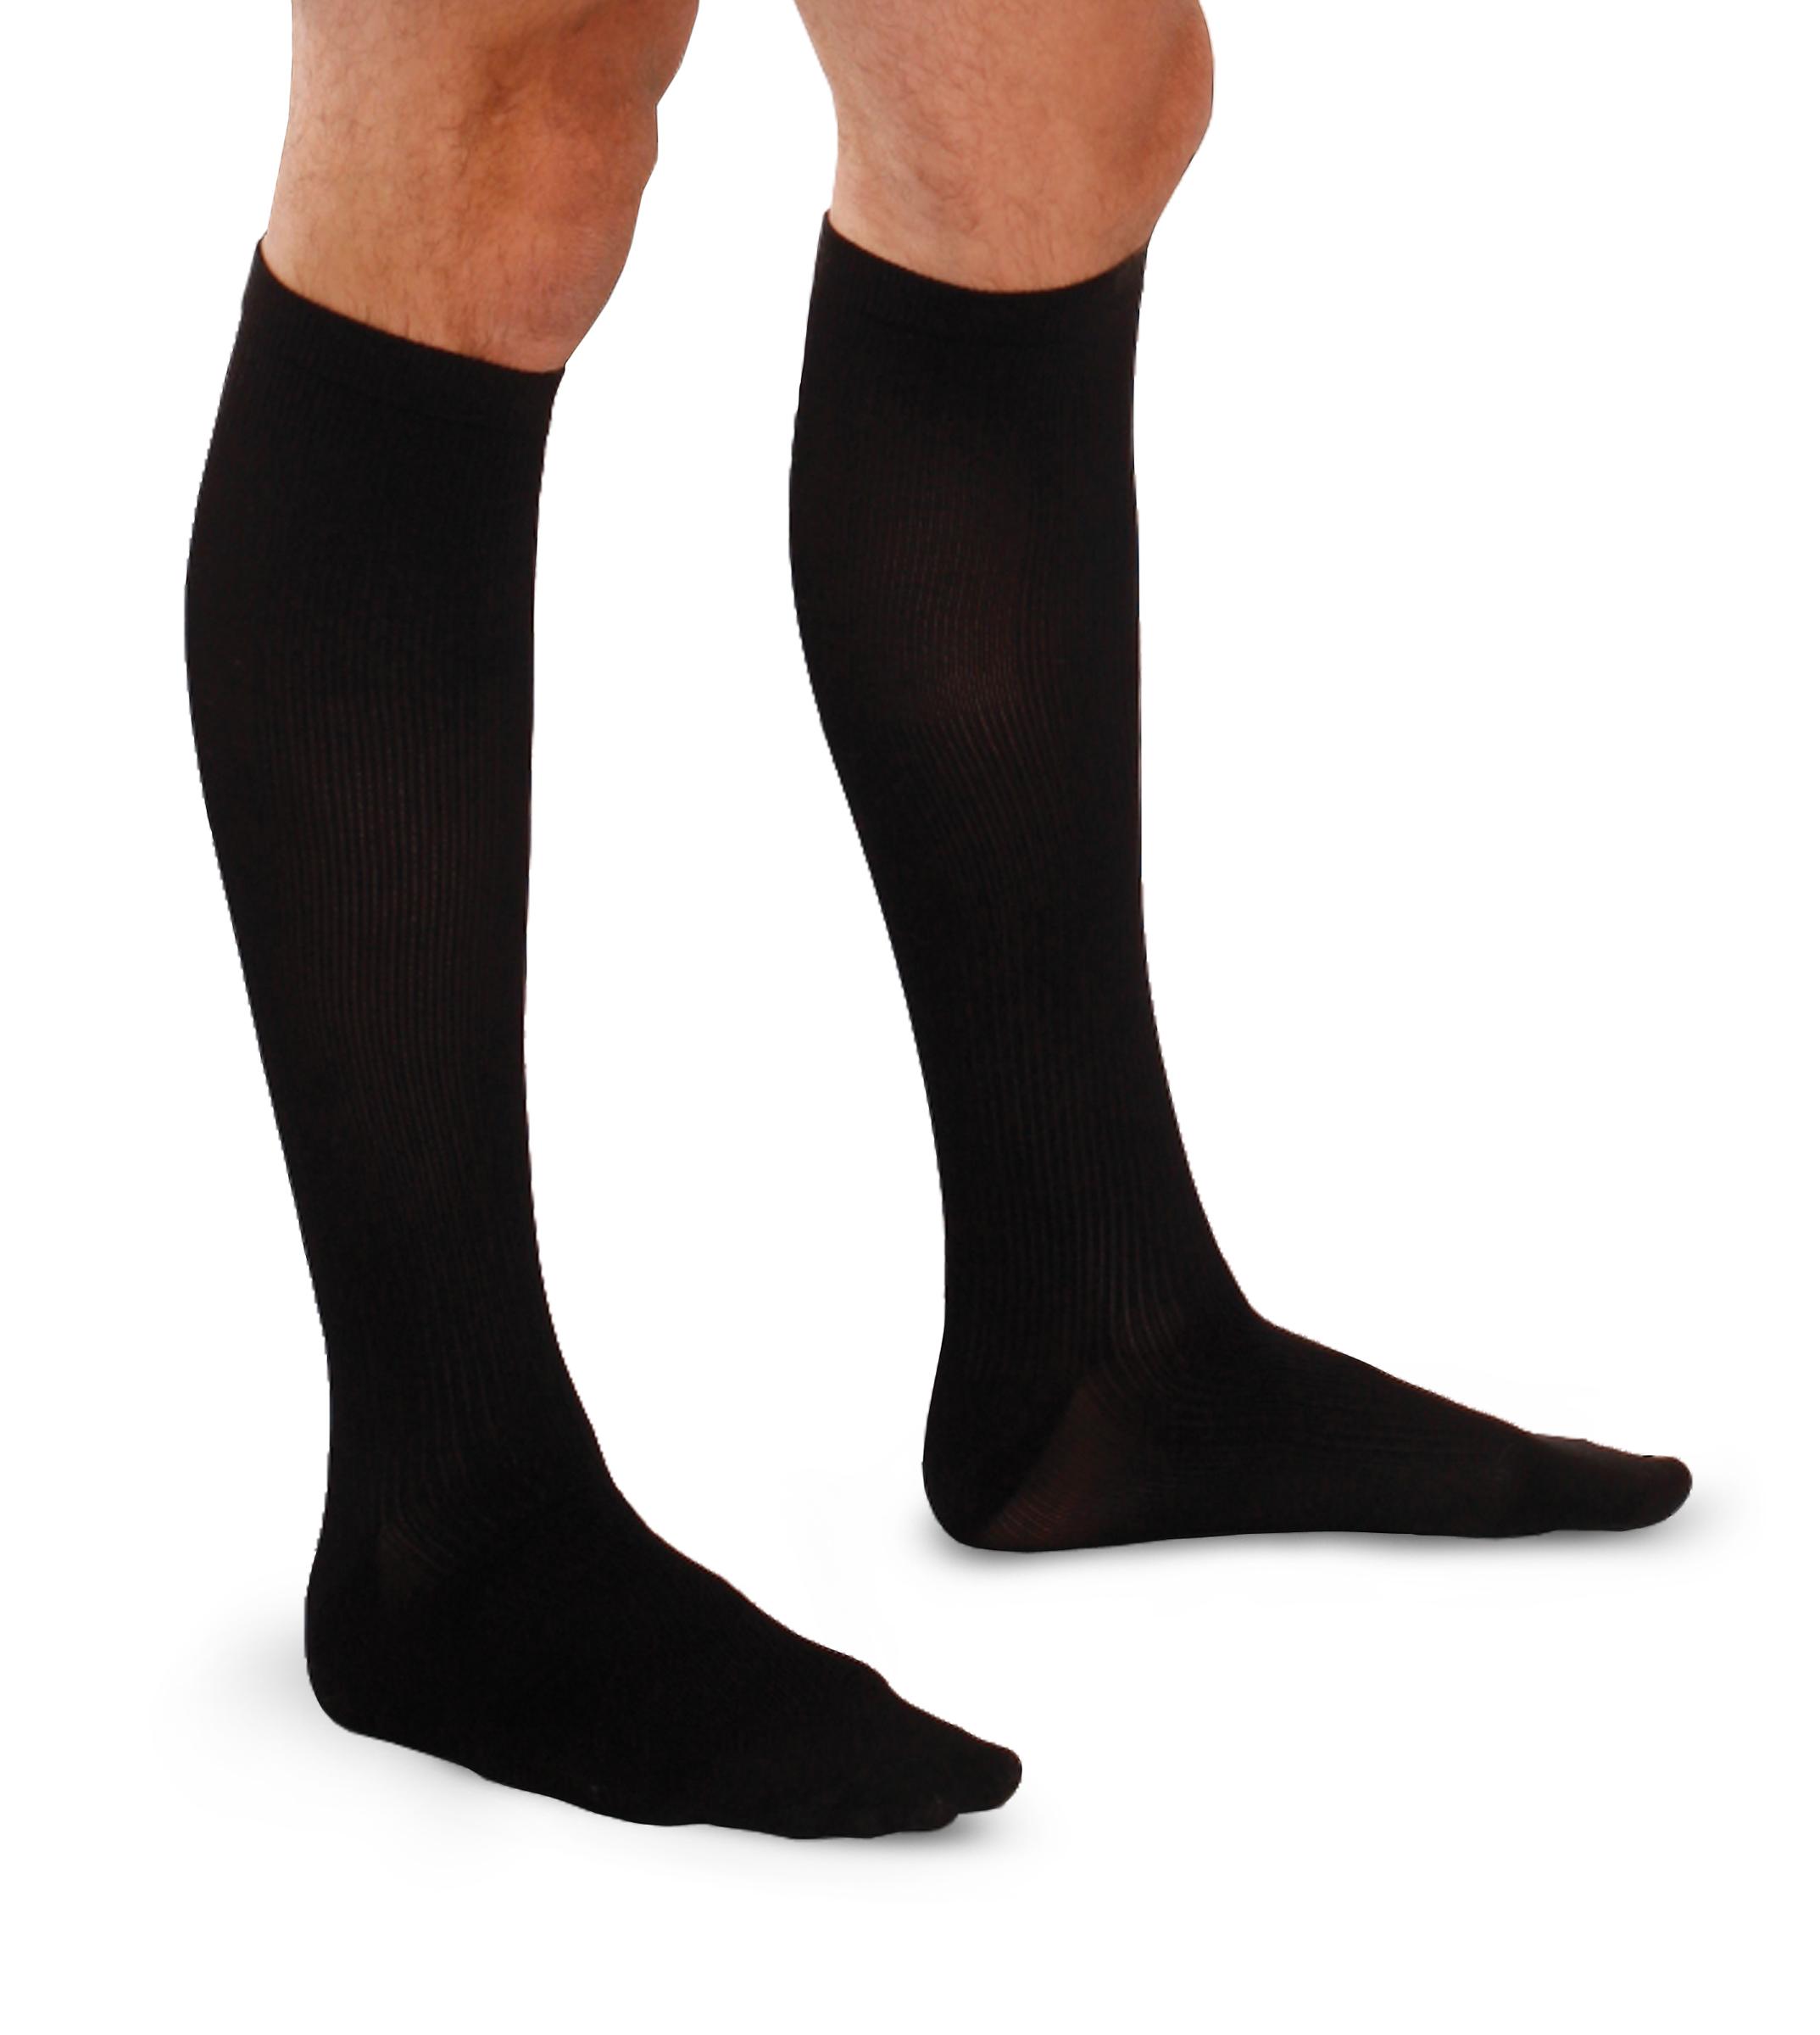 Κάλτσα Κάτω Γόνατος Ανδρική Αντιμυκητιακή | Ιατρικά Ορθοπεδικά Είδη